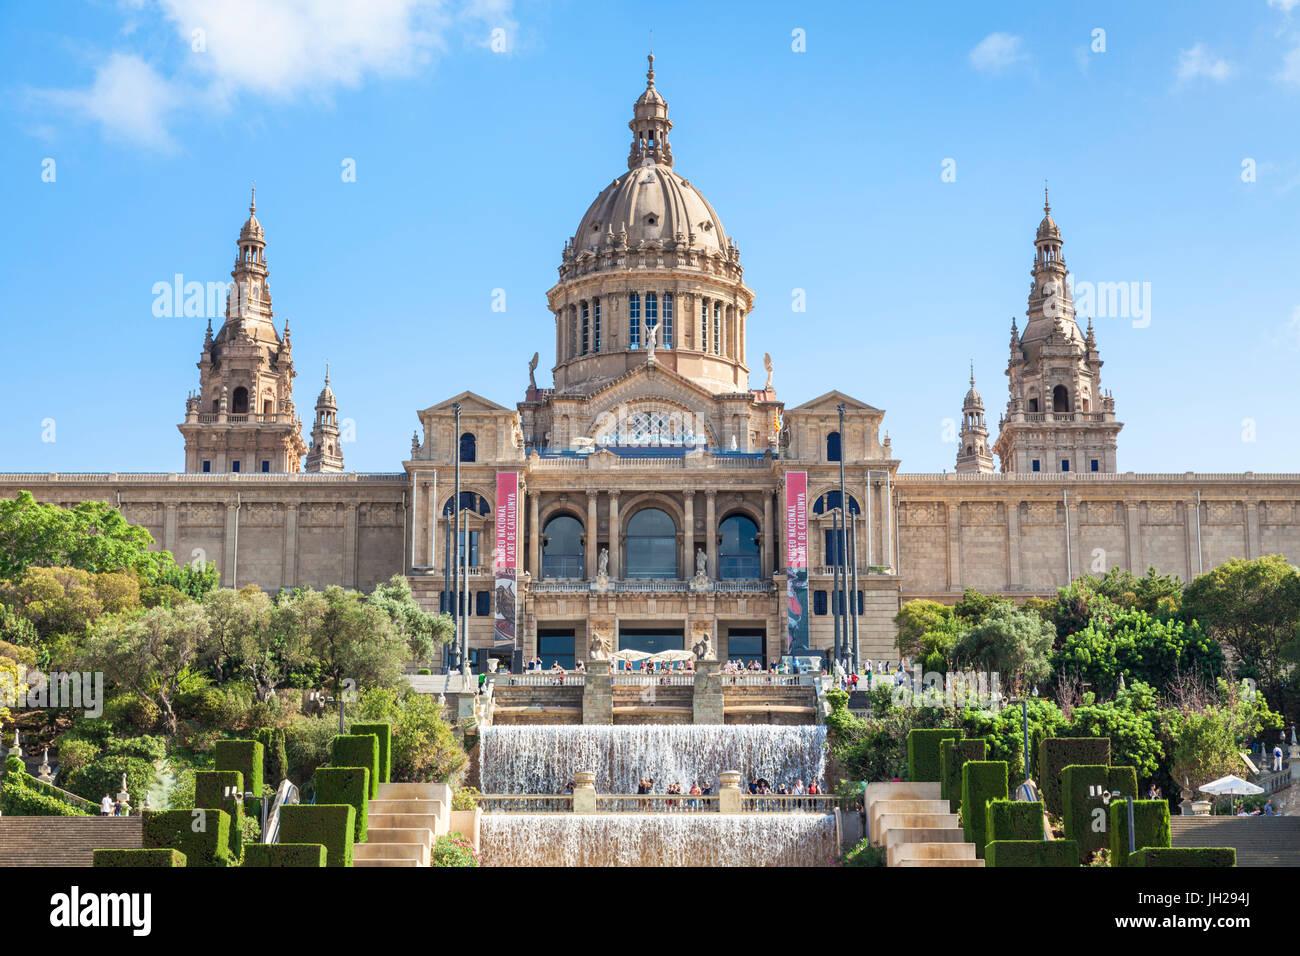 Der magische Brunnen von Montjuic unterhalb des Palau Nacional, MNAC, National Art Gallery, Barcelona, Katalonien Stockbild